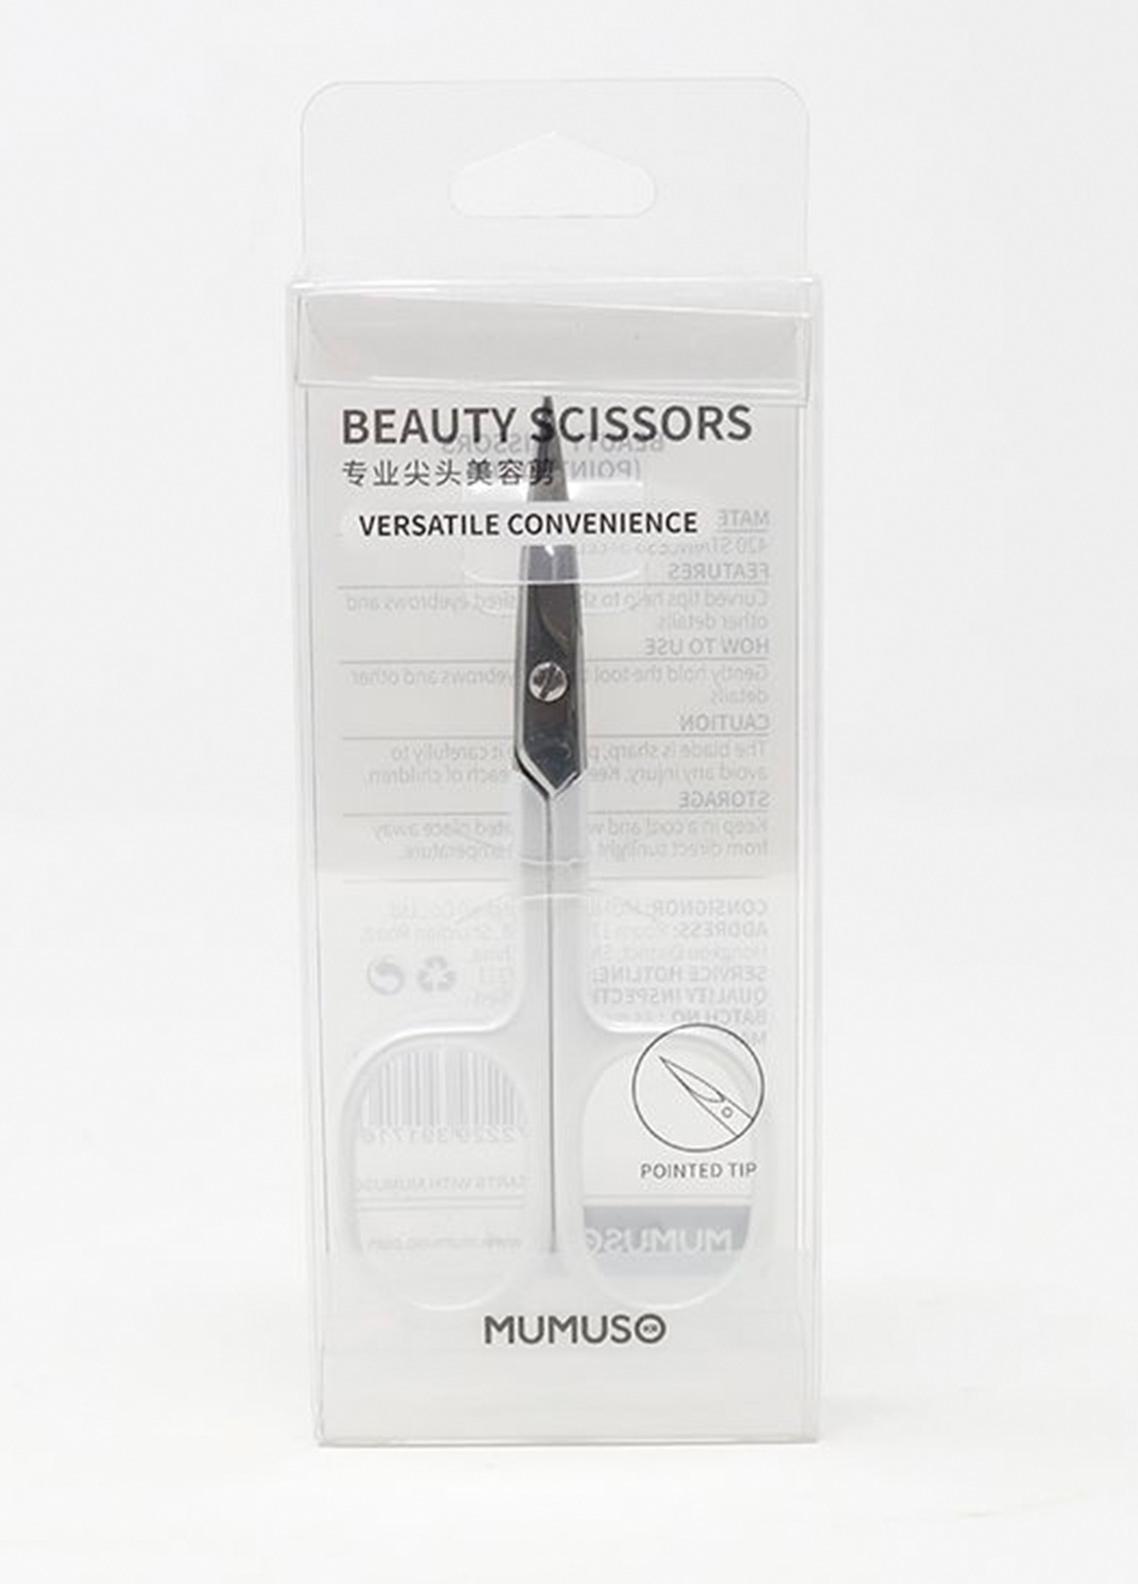 Mumuso Beauty Scissors